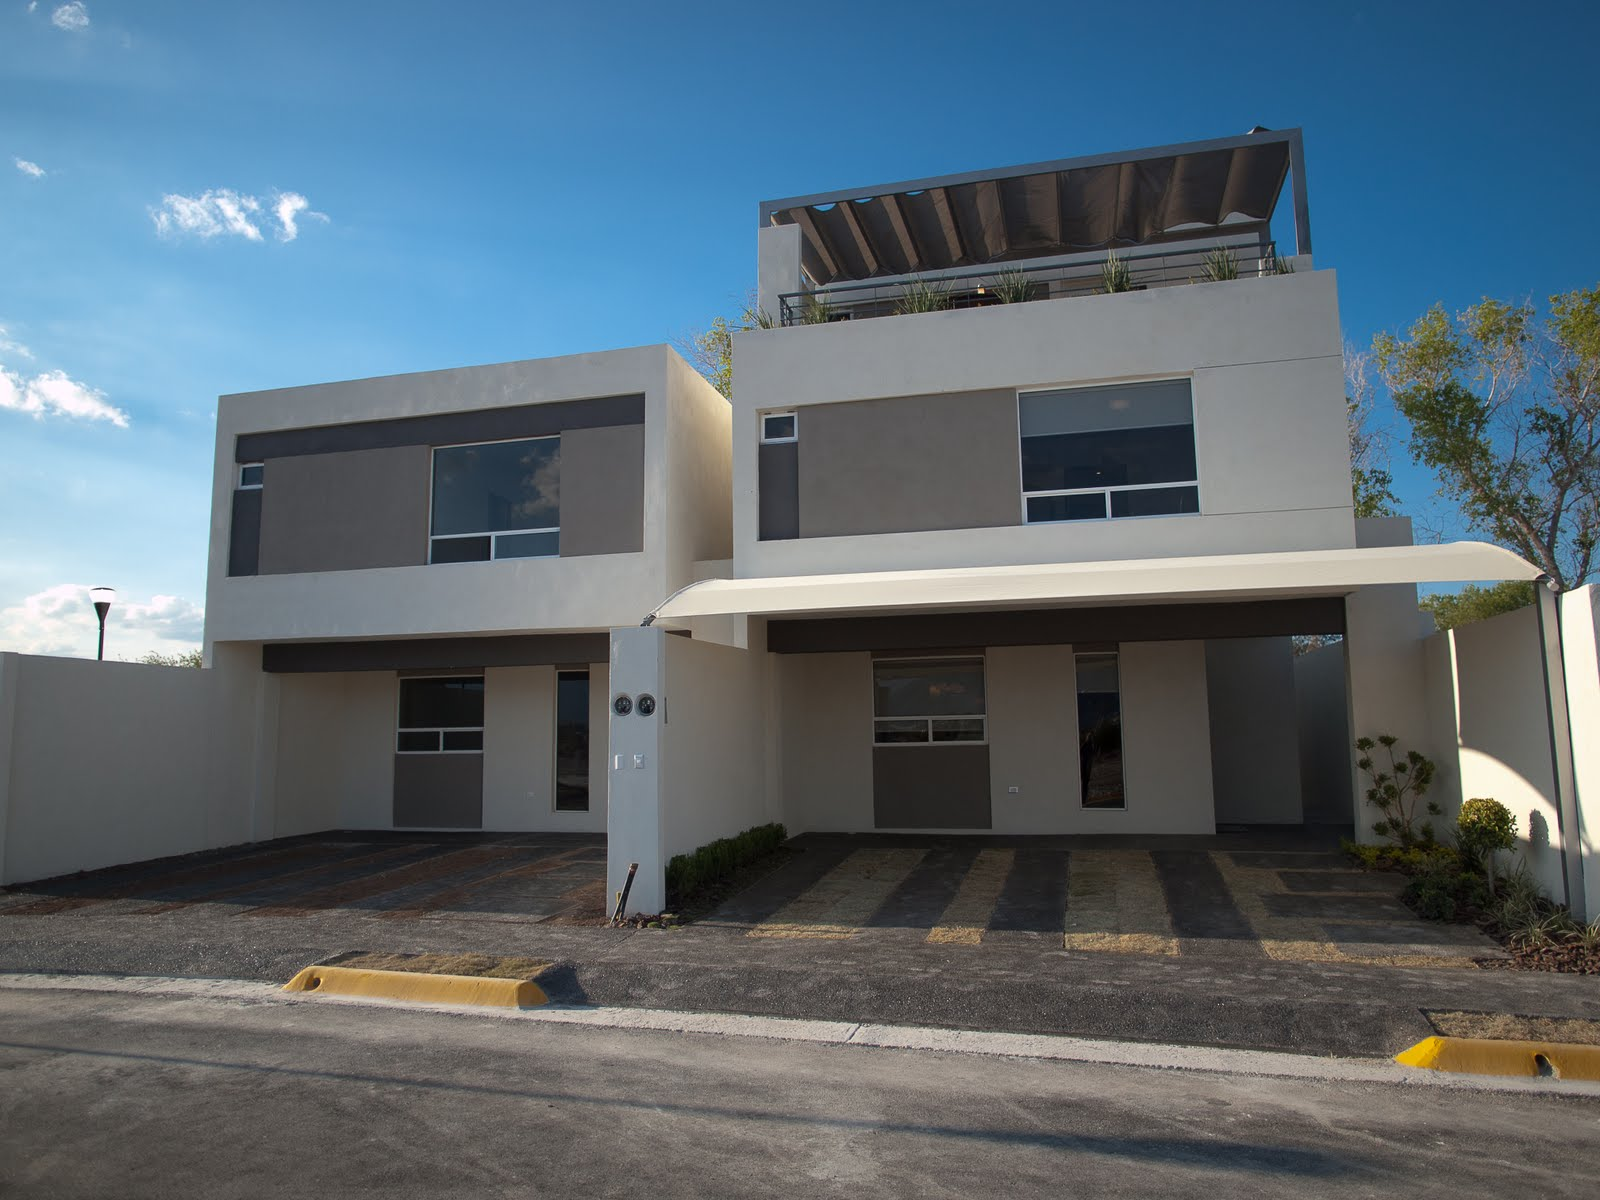 Fachadas contempor neas septiembre 2012 for Fachada de casas modernas con porton